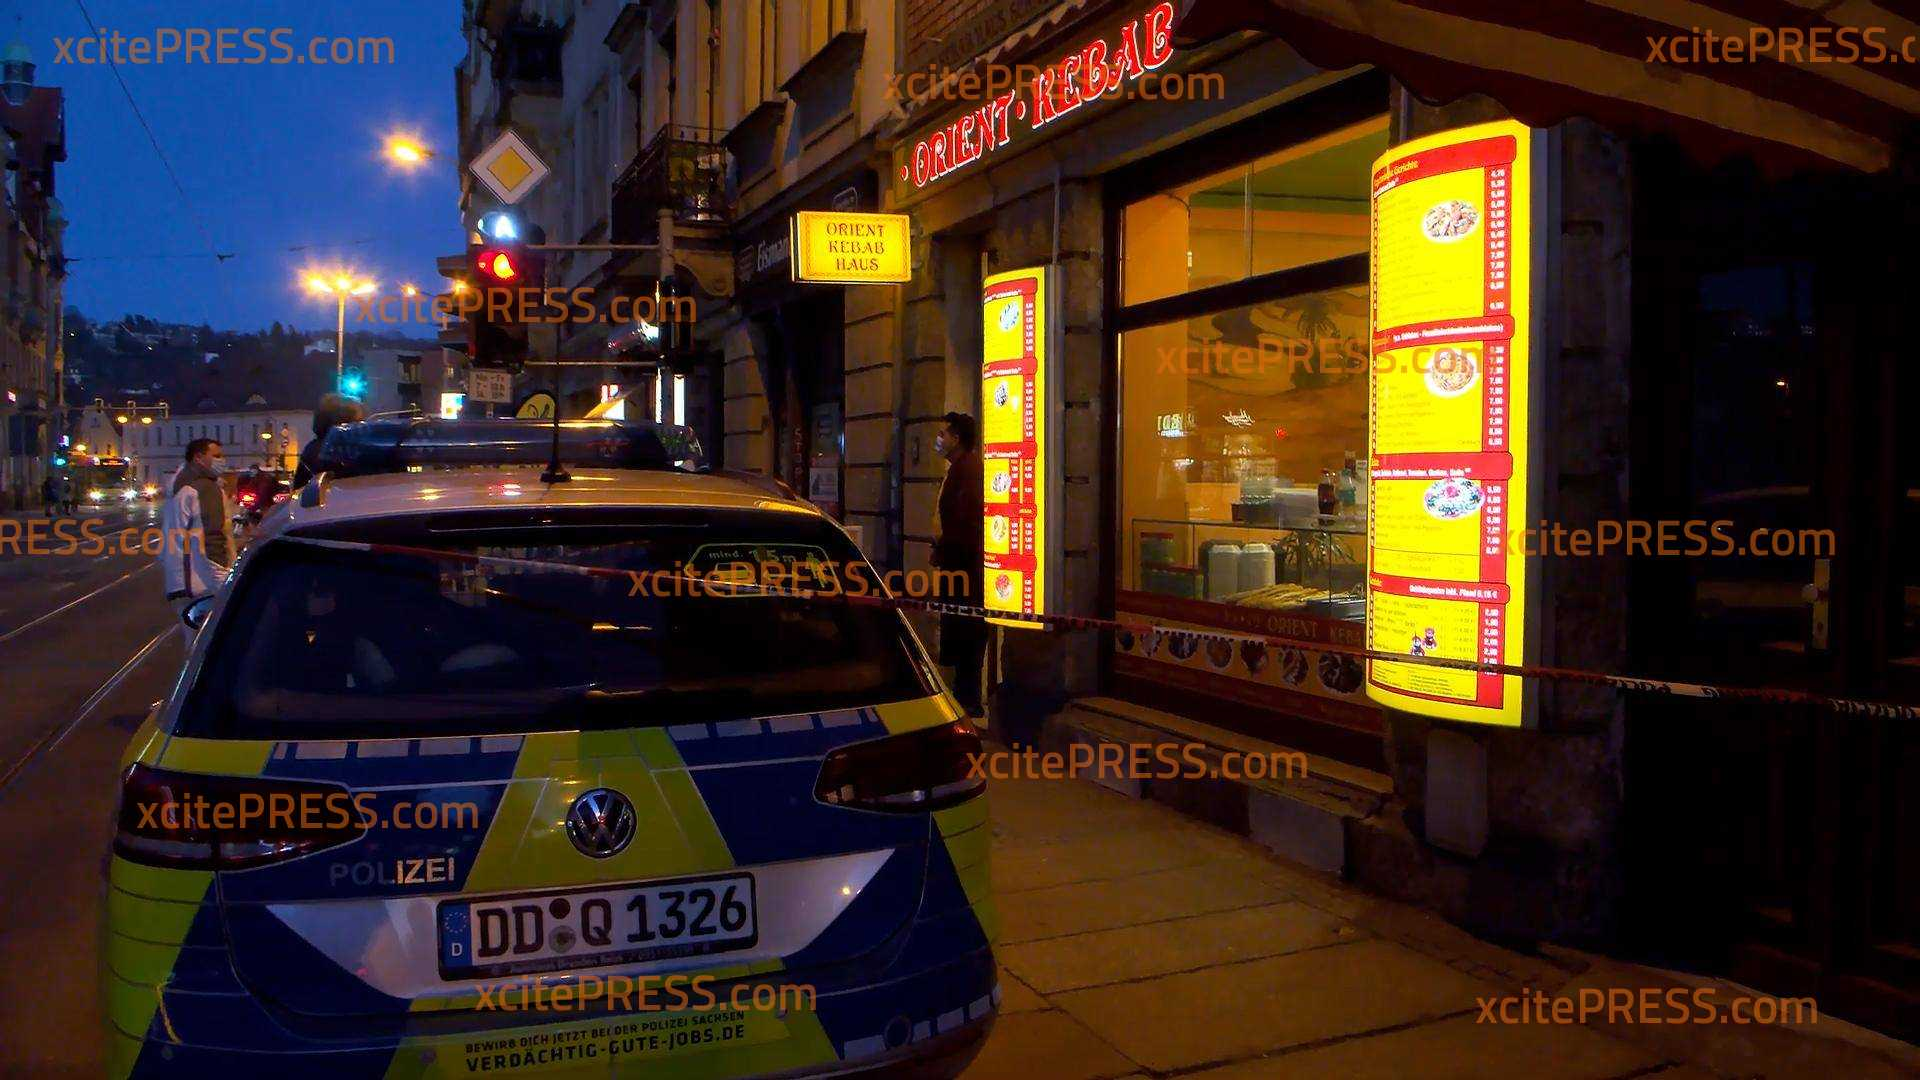 Angriff mit Molotowcocktail auf türkischen Imbiss: Täter flüchtig, Kripo ermittelt